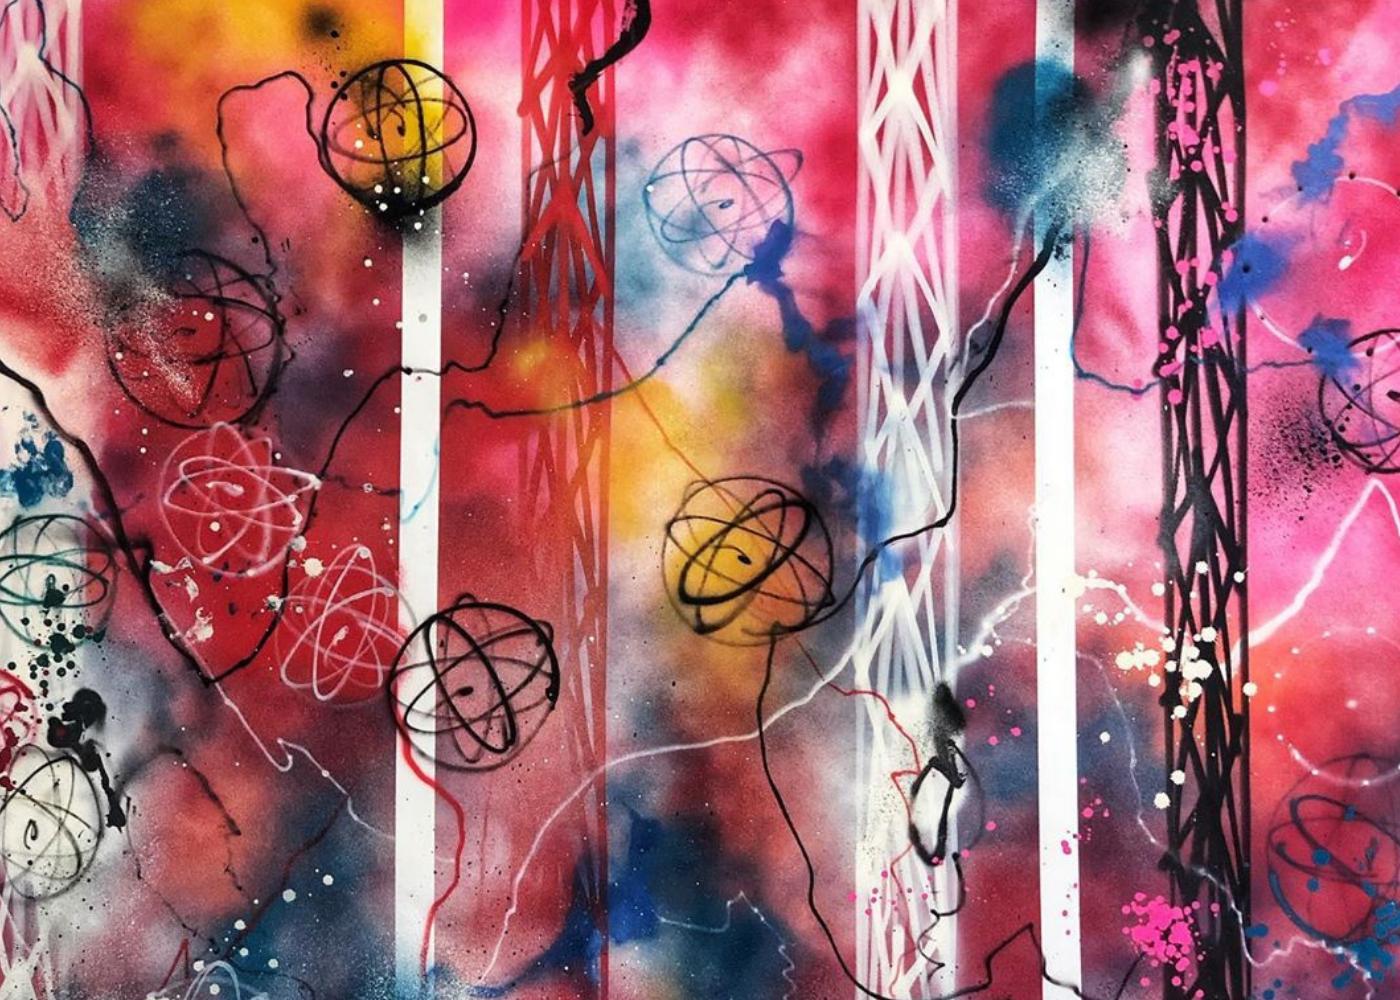 Weekend guide: 1-2 June 2019 | Meet legendary New York street artist, Futura